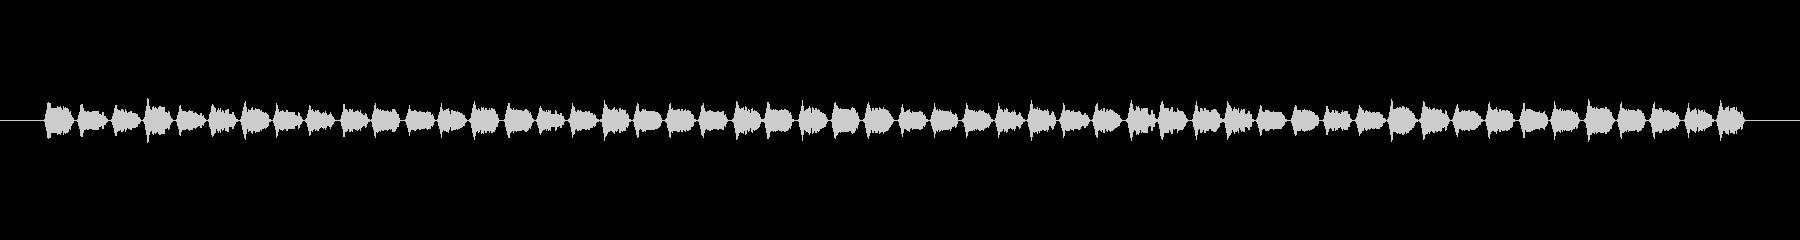 【慌てる02-1】の未再生の波形